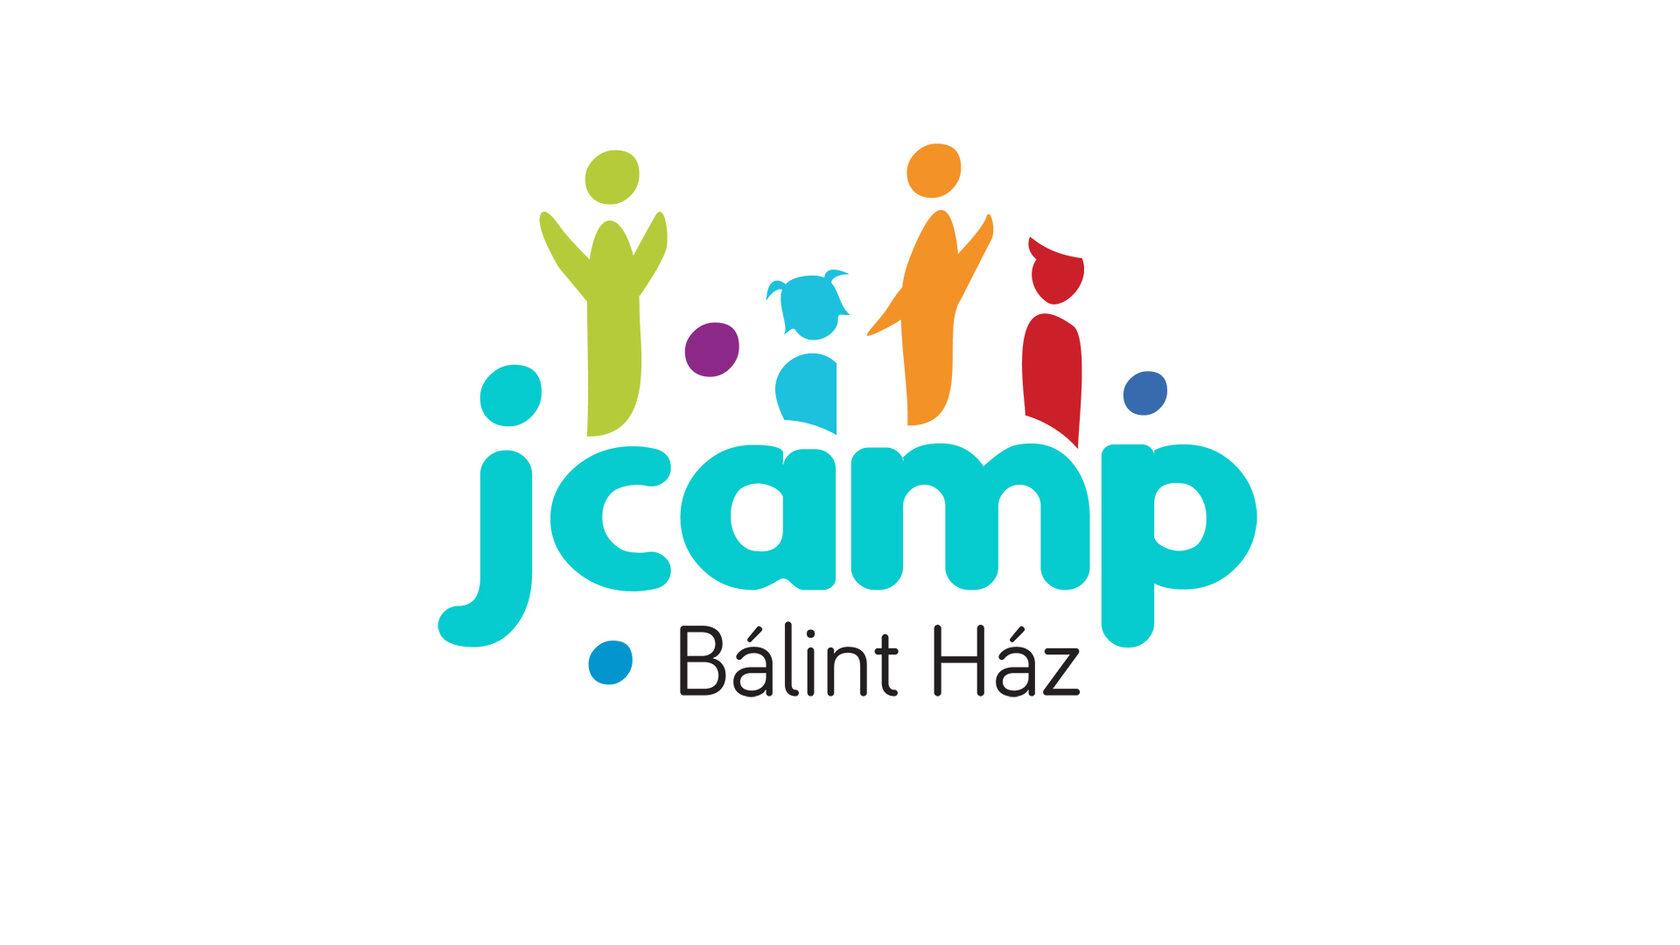 JCamp by Bálint Ház